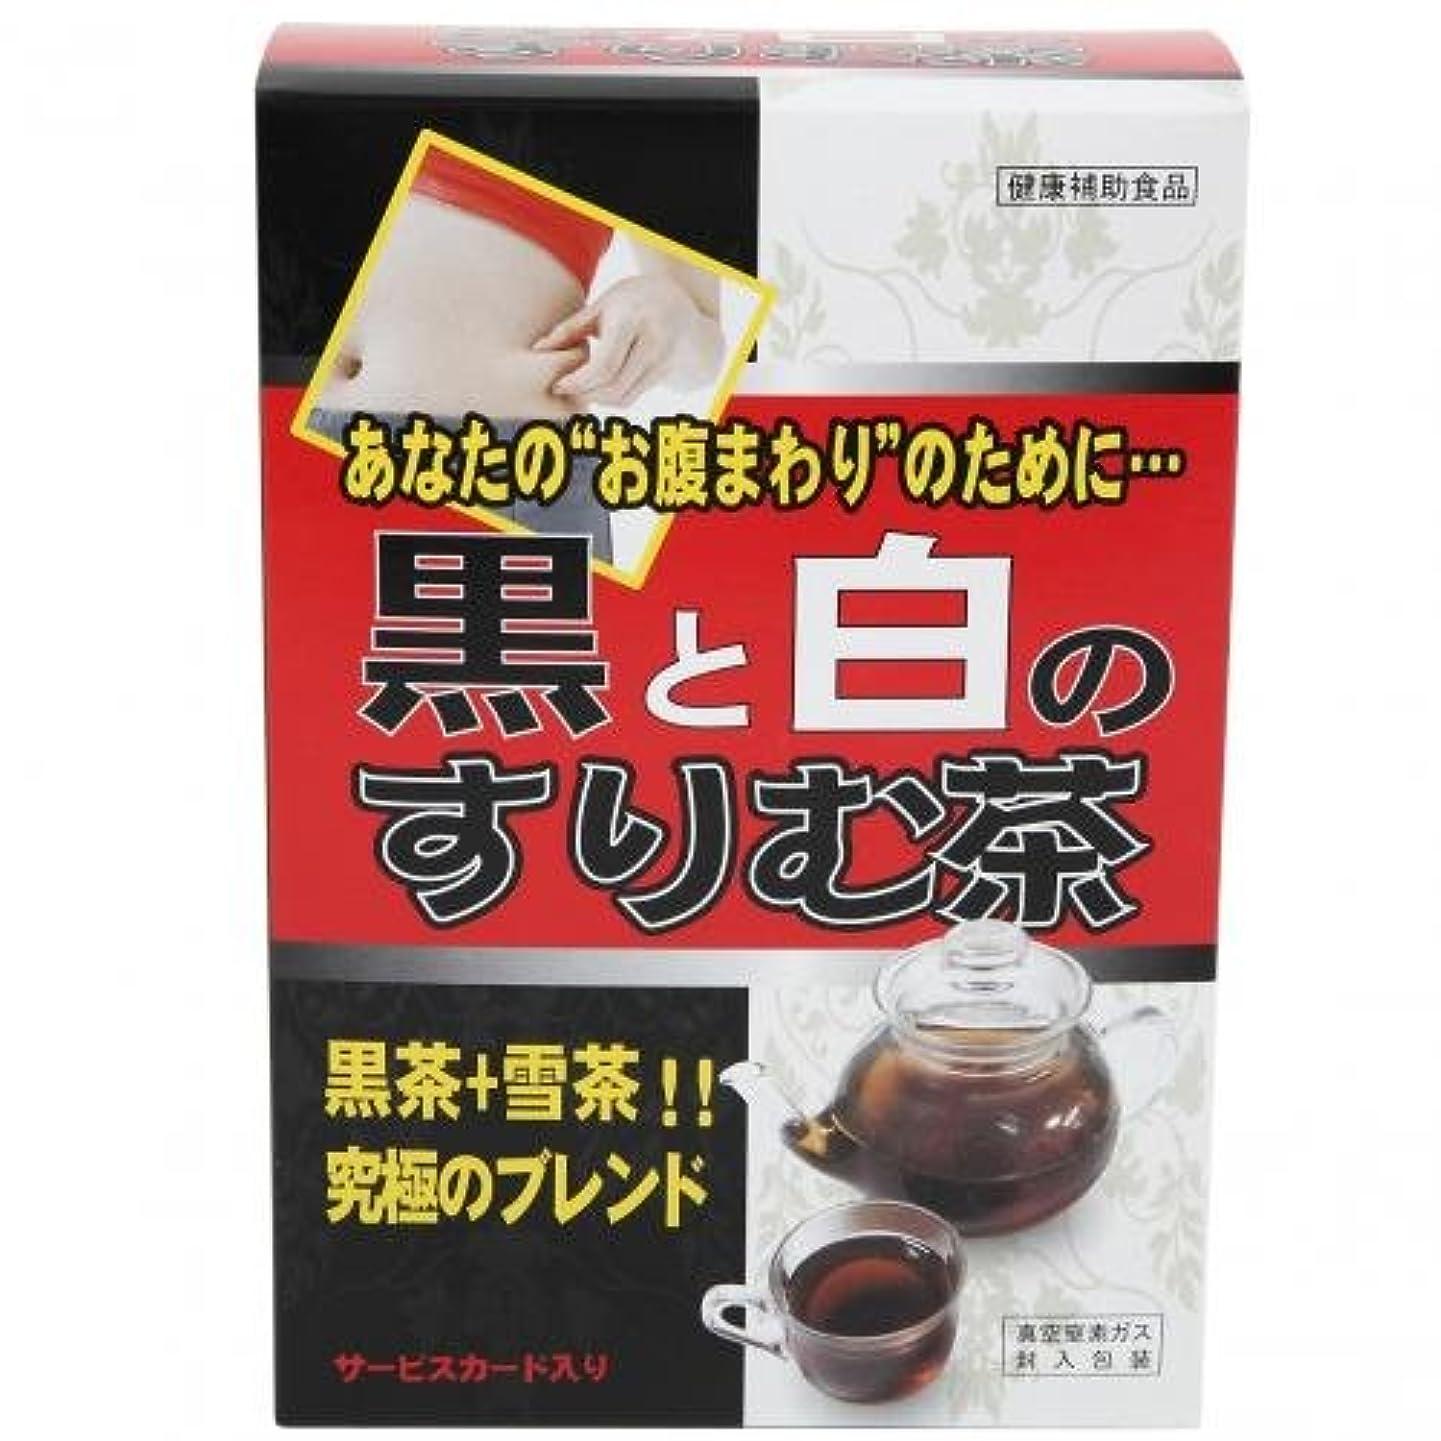 シャイ今日圧縮された共栄黒と白のすりむ茶 24包